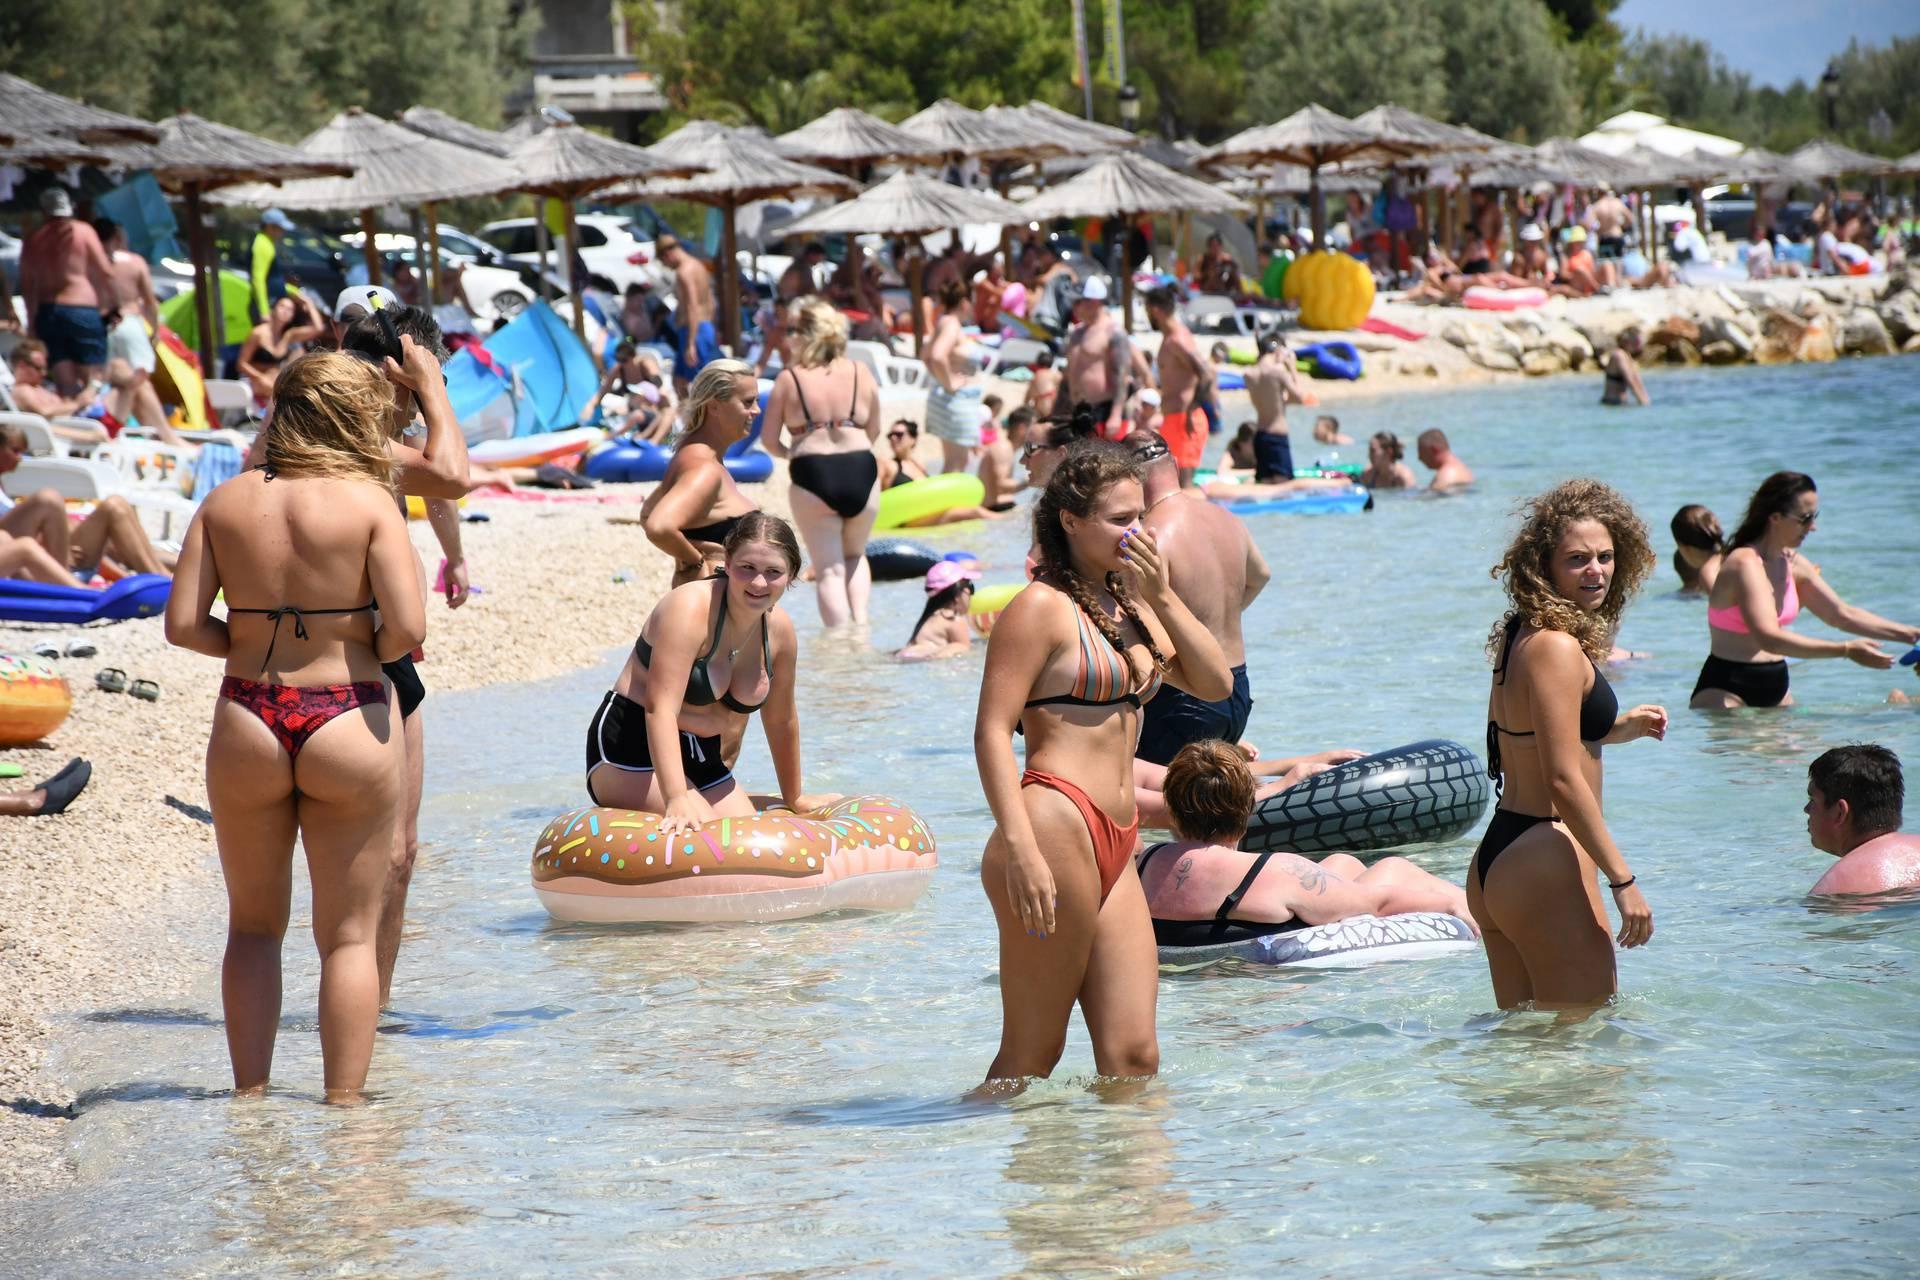 Optimizam za turizam: 'Prošli smo rat, proći ćemo i koronu'